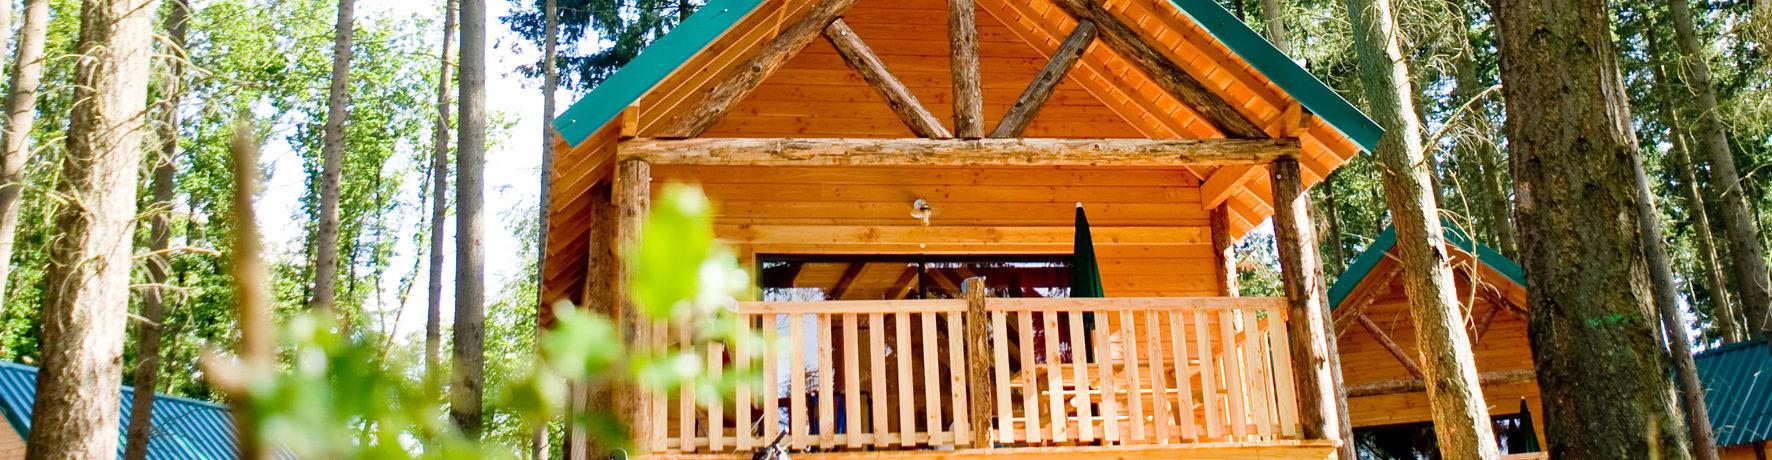 Village Huttopia Senonches in Illiers-Combray is een charme camping in het bos van Senonches, rond het meer van Badouleau, in een bosrijke omgeving van Eure-et-Loir.